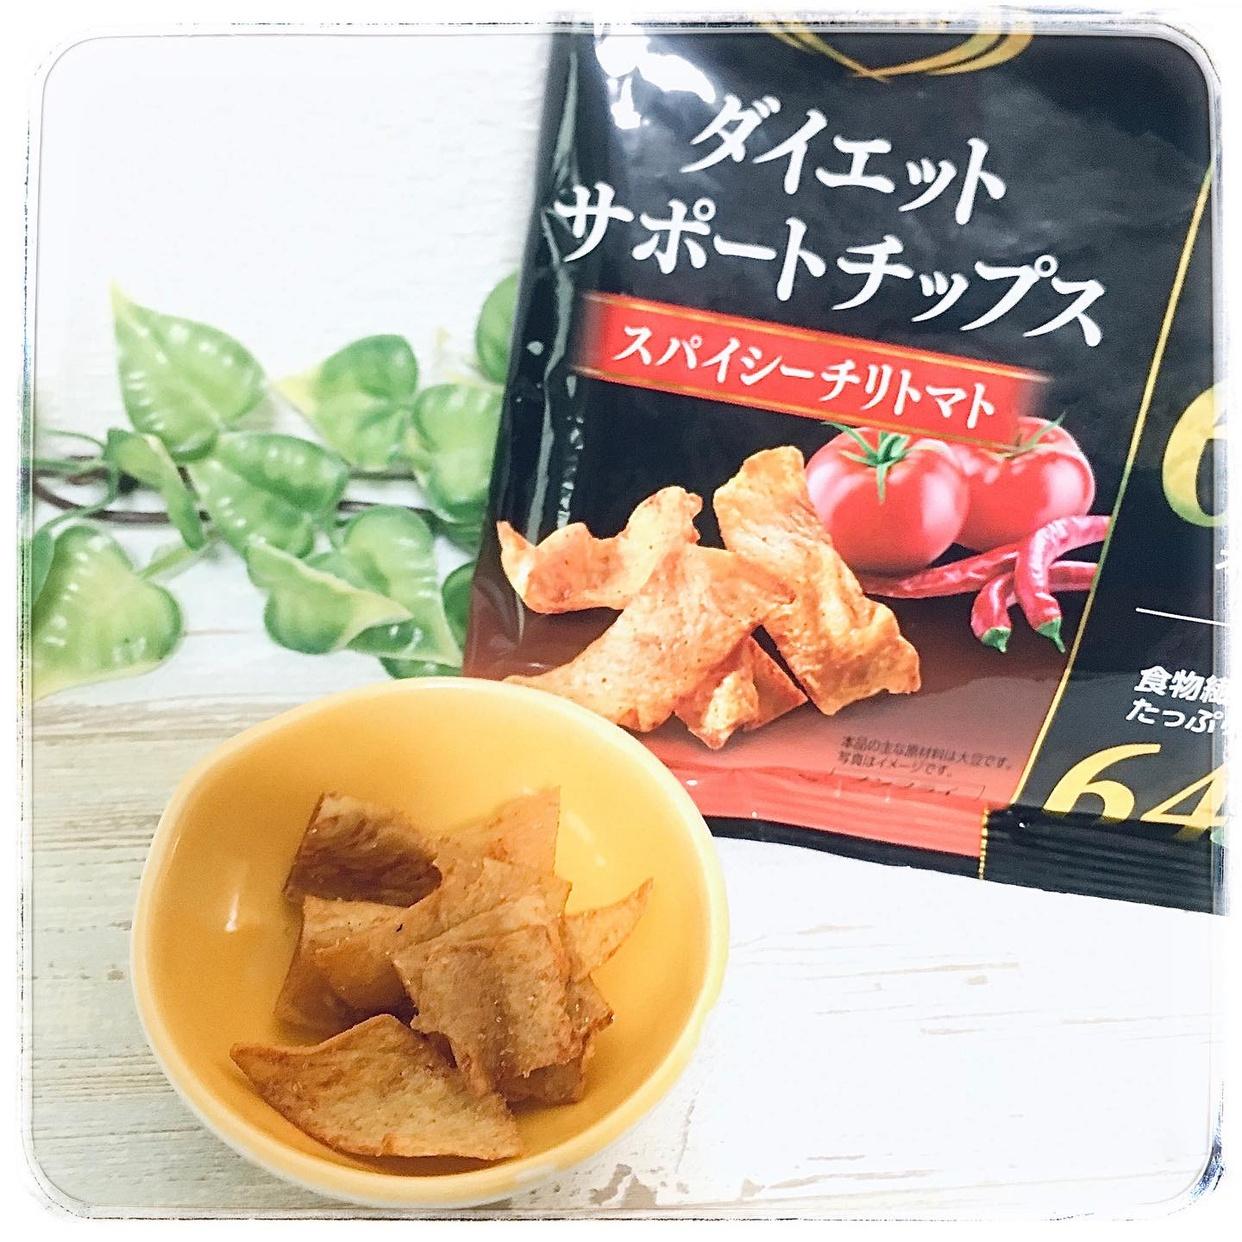 RIZAP(ライザップ) ダイエットサポート チップスを使った有姫さんのクチコミ画像1